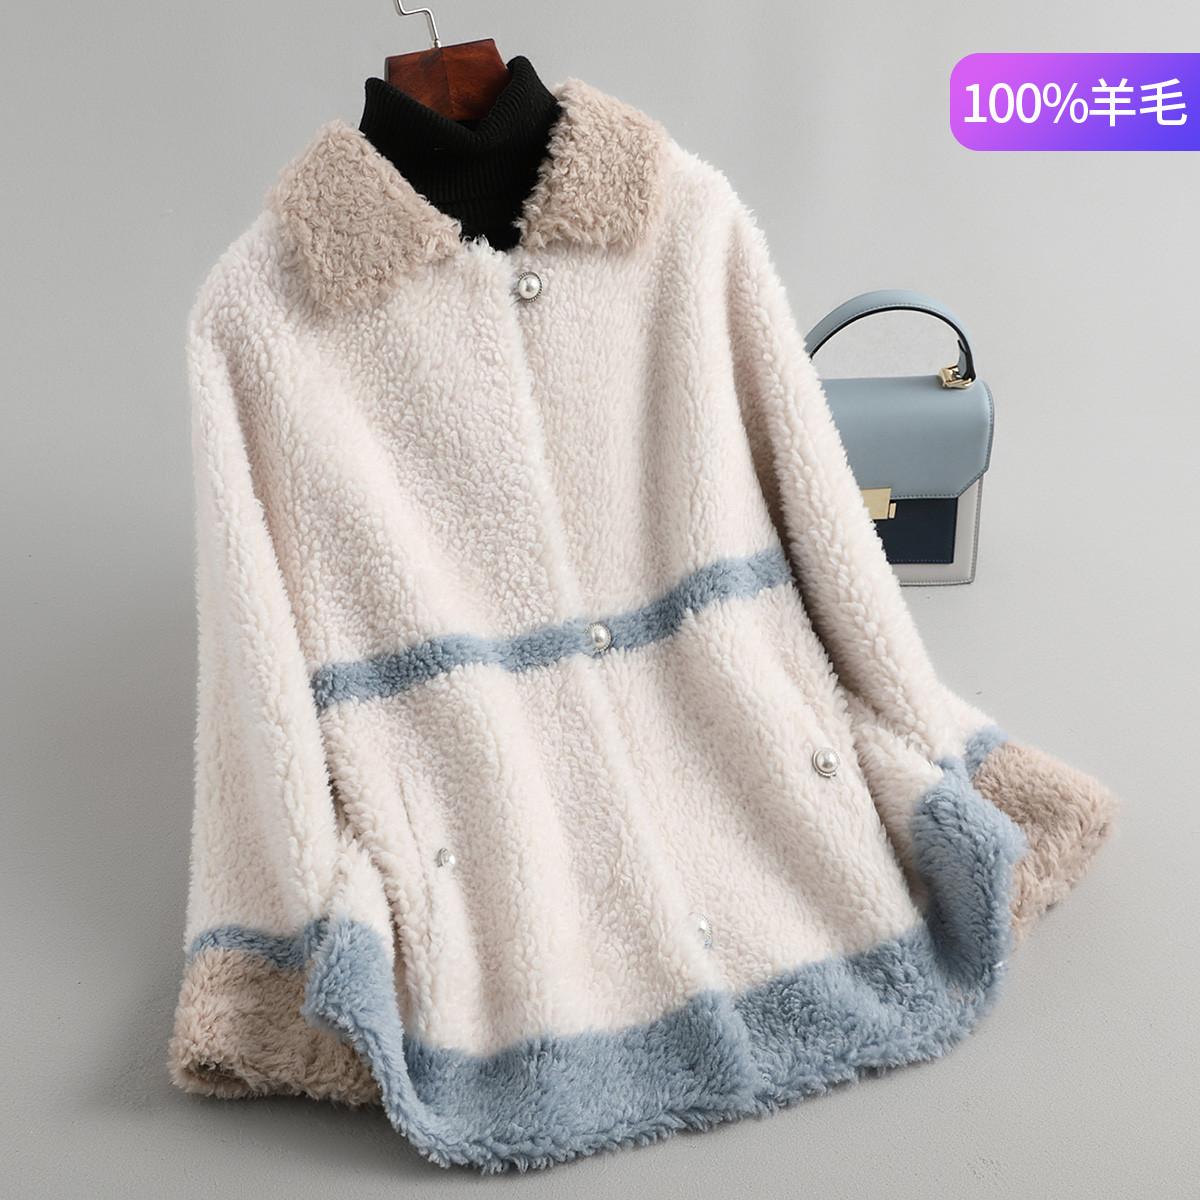 寂然秋冬女士短款羊剪绒大衣女方领时尚复合皮毛一体皮草外套J96879012